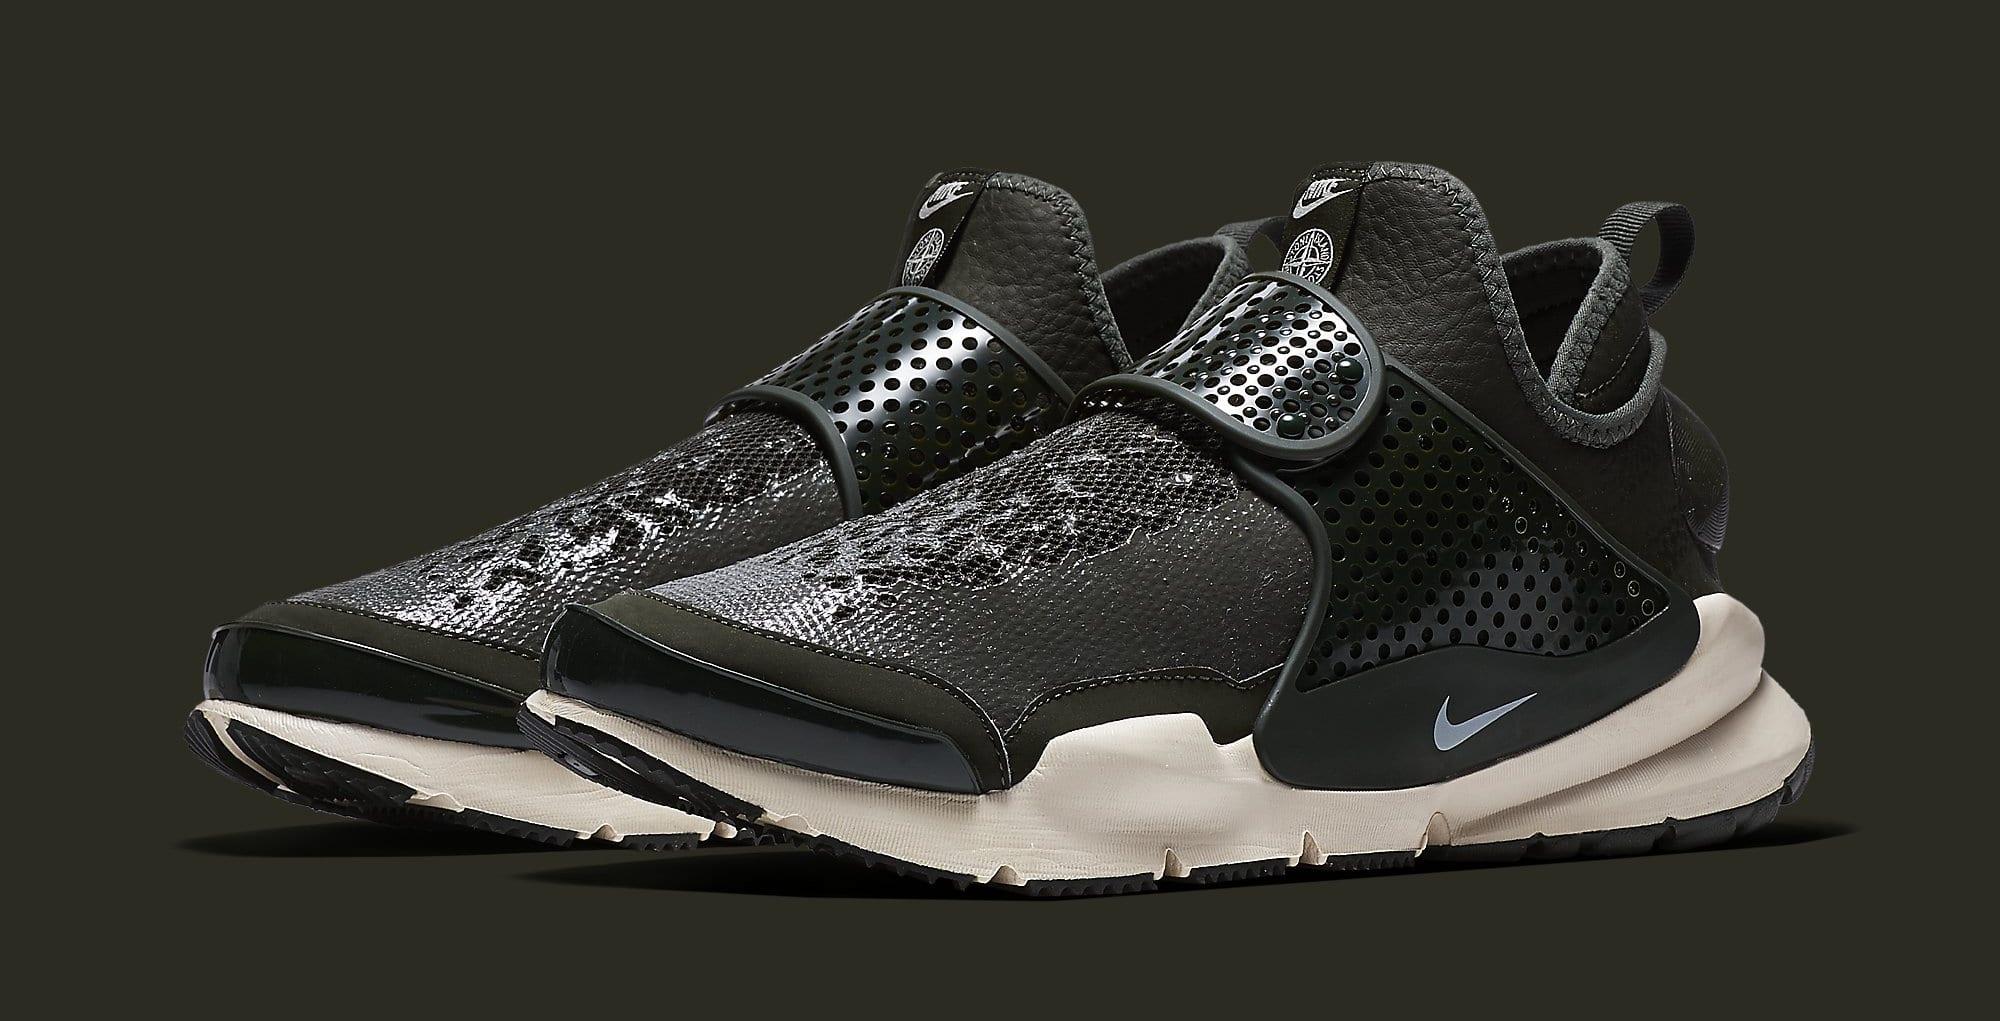 Stone Island Nike Sock Dart 910090-300